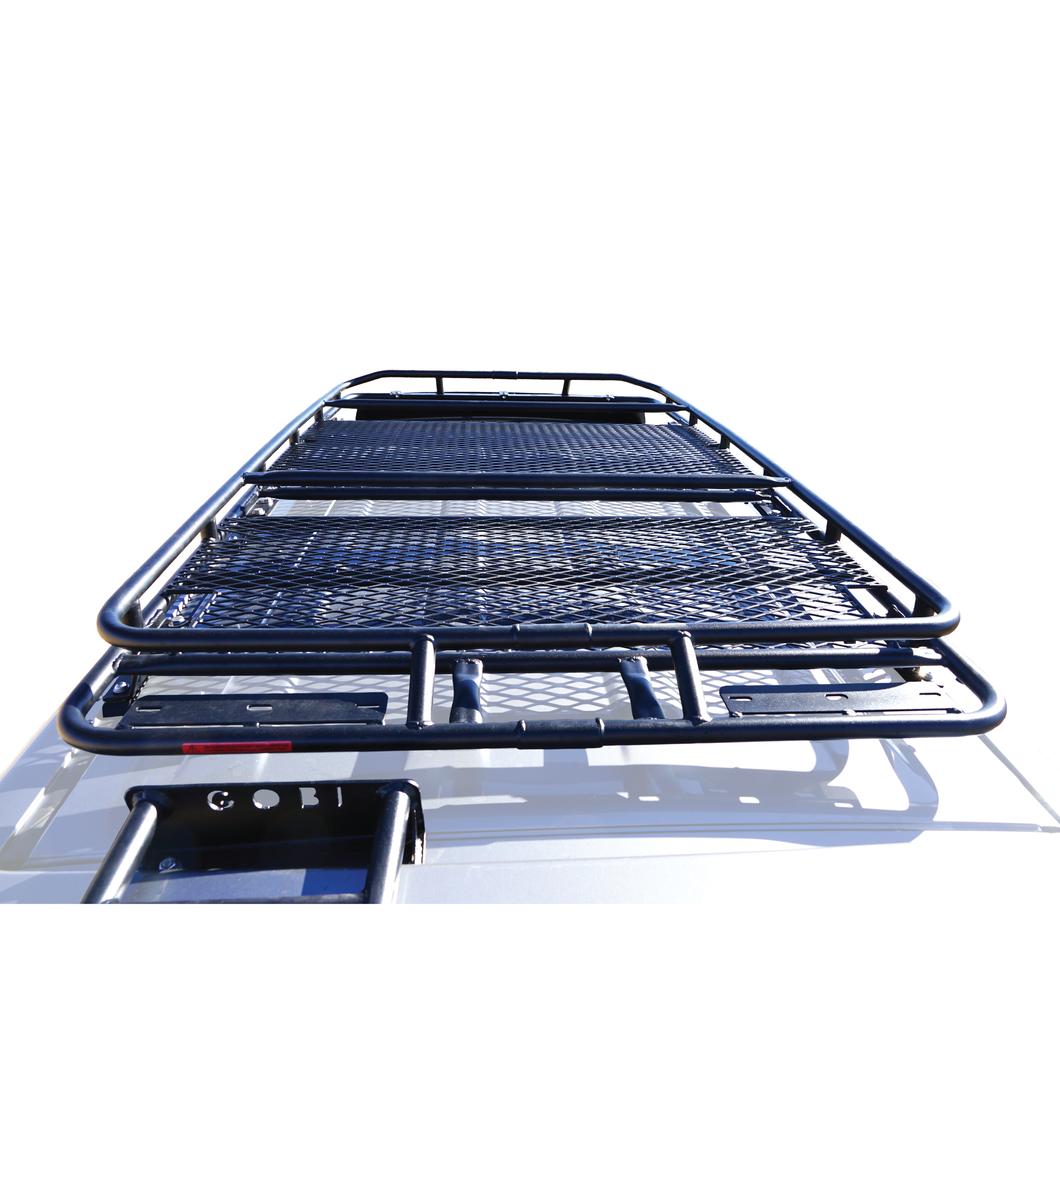 LEXUS GX470, STEALTH RACK, · Multi-Light Setup , · WITH SUNROOF